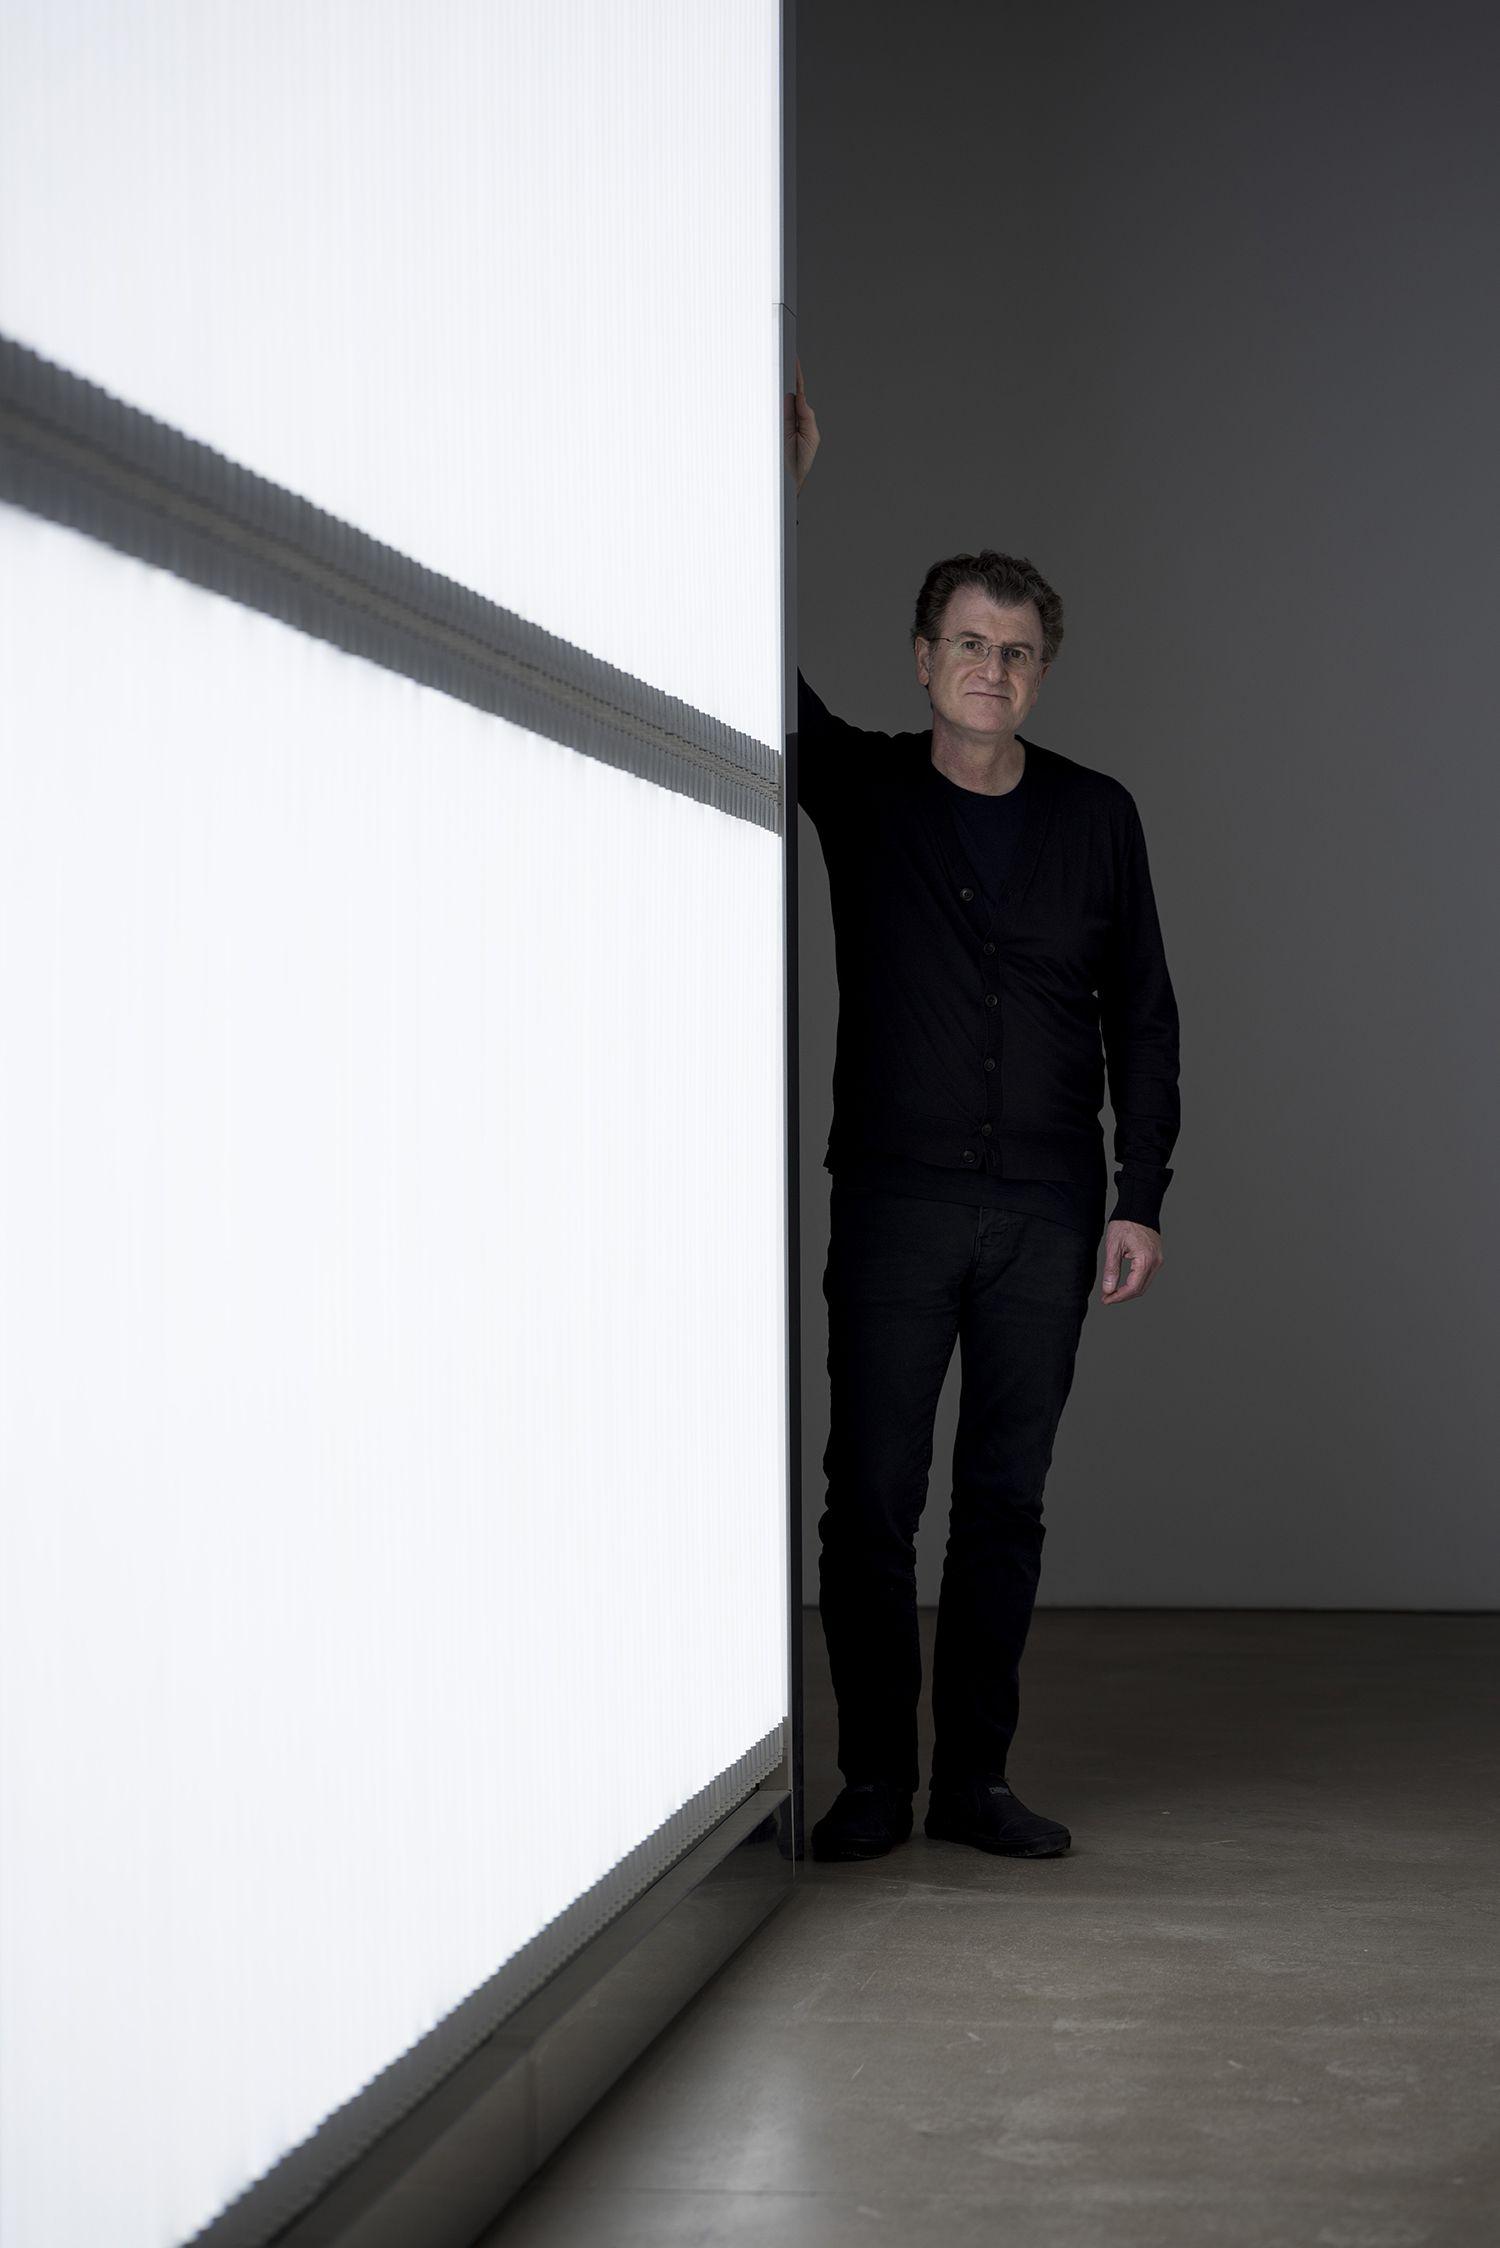 (قسمت ۶) یازده هنرمند معاصر راهبردهایی برای بیشترین استفاده از فرصتِ کار از خانه ارائه میکنند: آلفِرِدو خار (Alfredo Jaar)